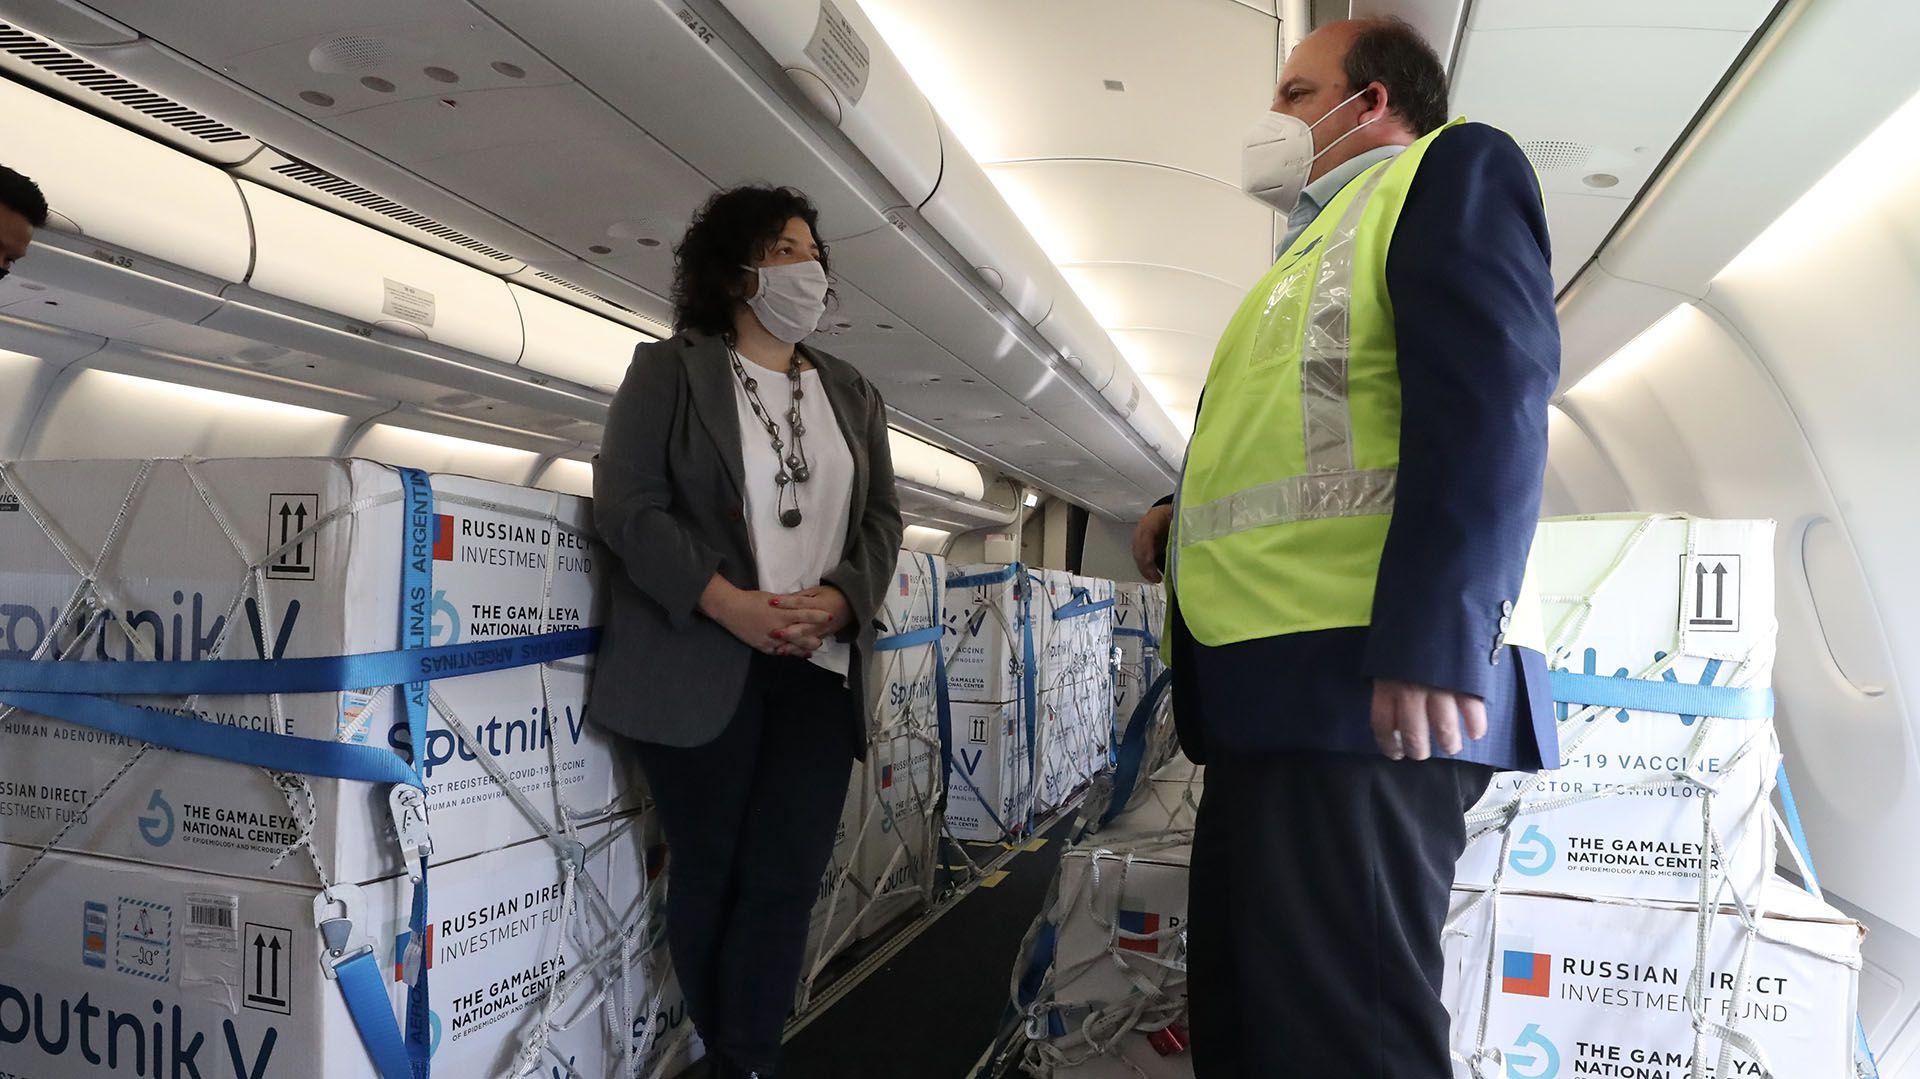 Carla Vizzotti - Arribo vacunas Rusia COVID-19 - Aerolíneas Argentinas